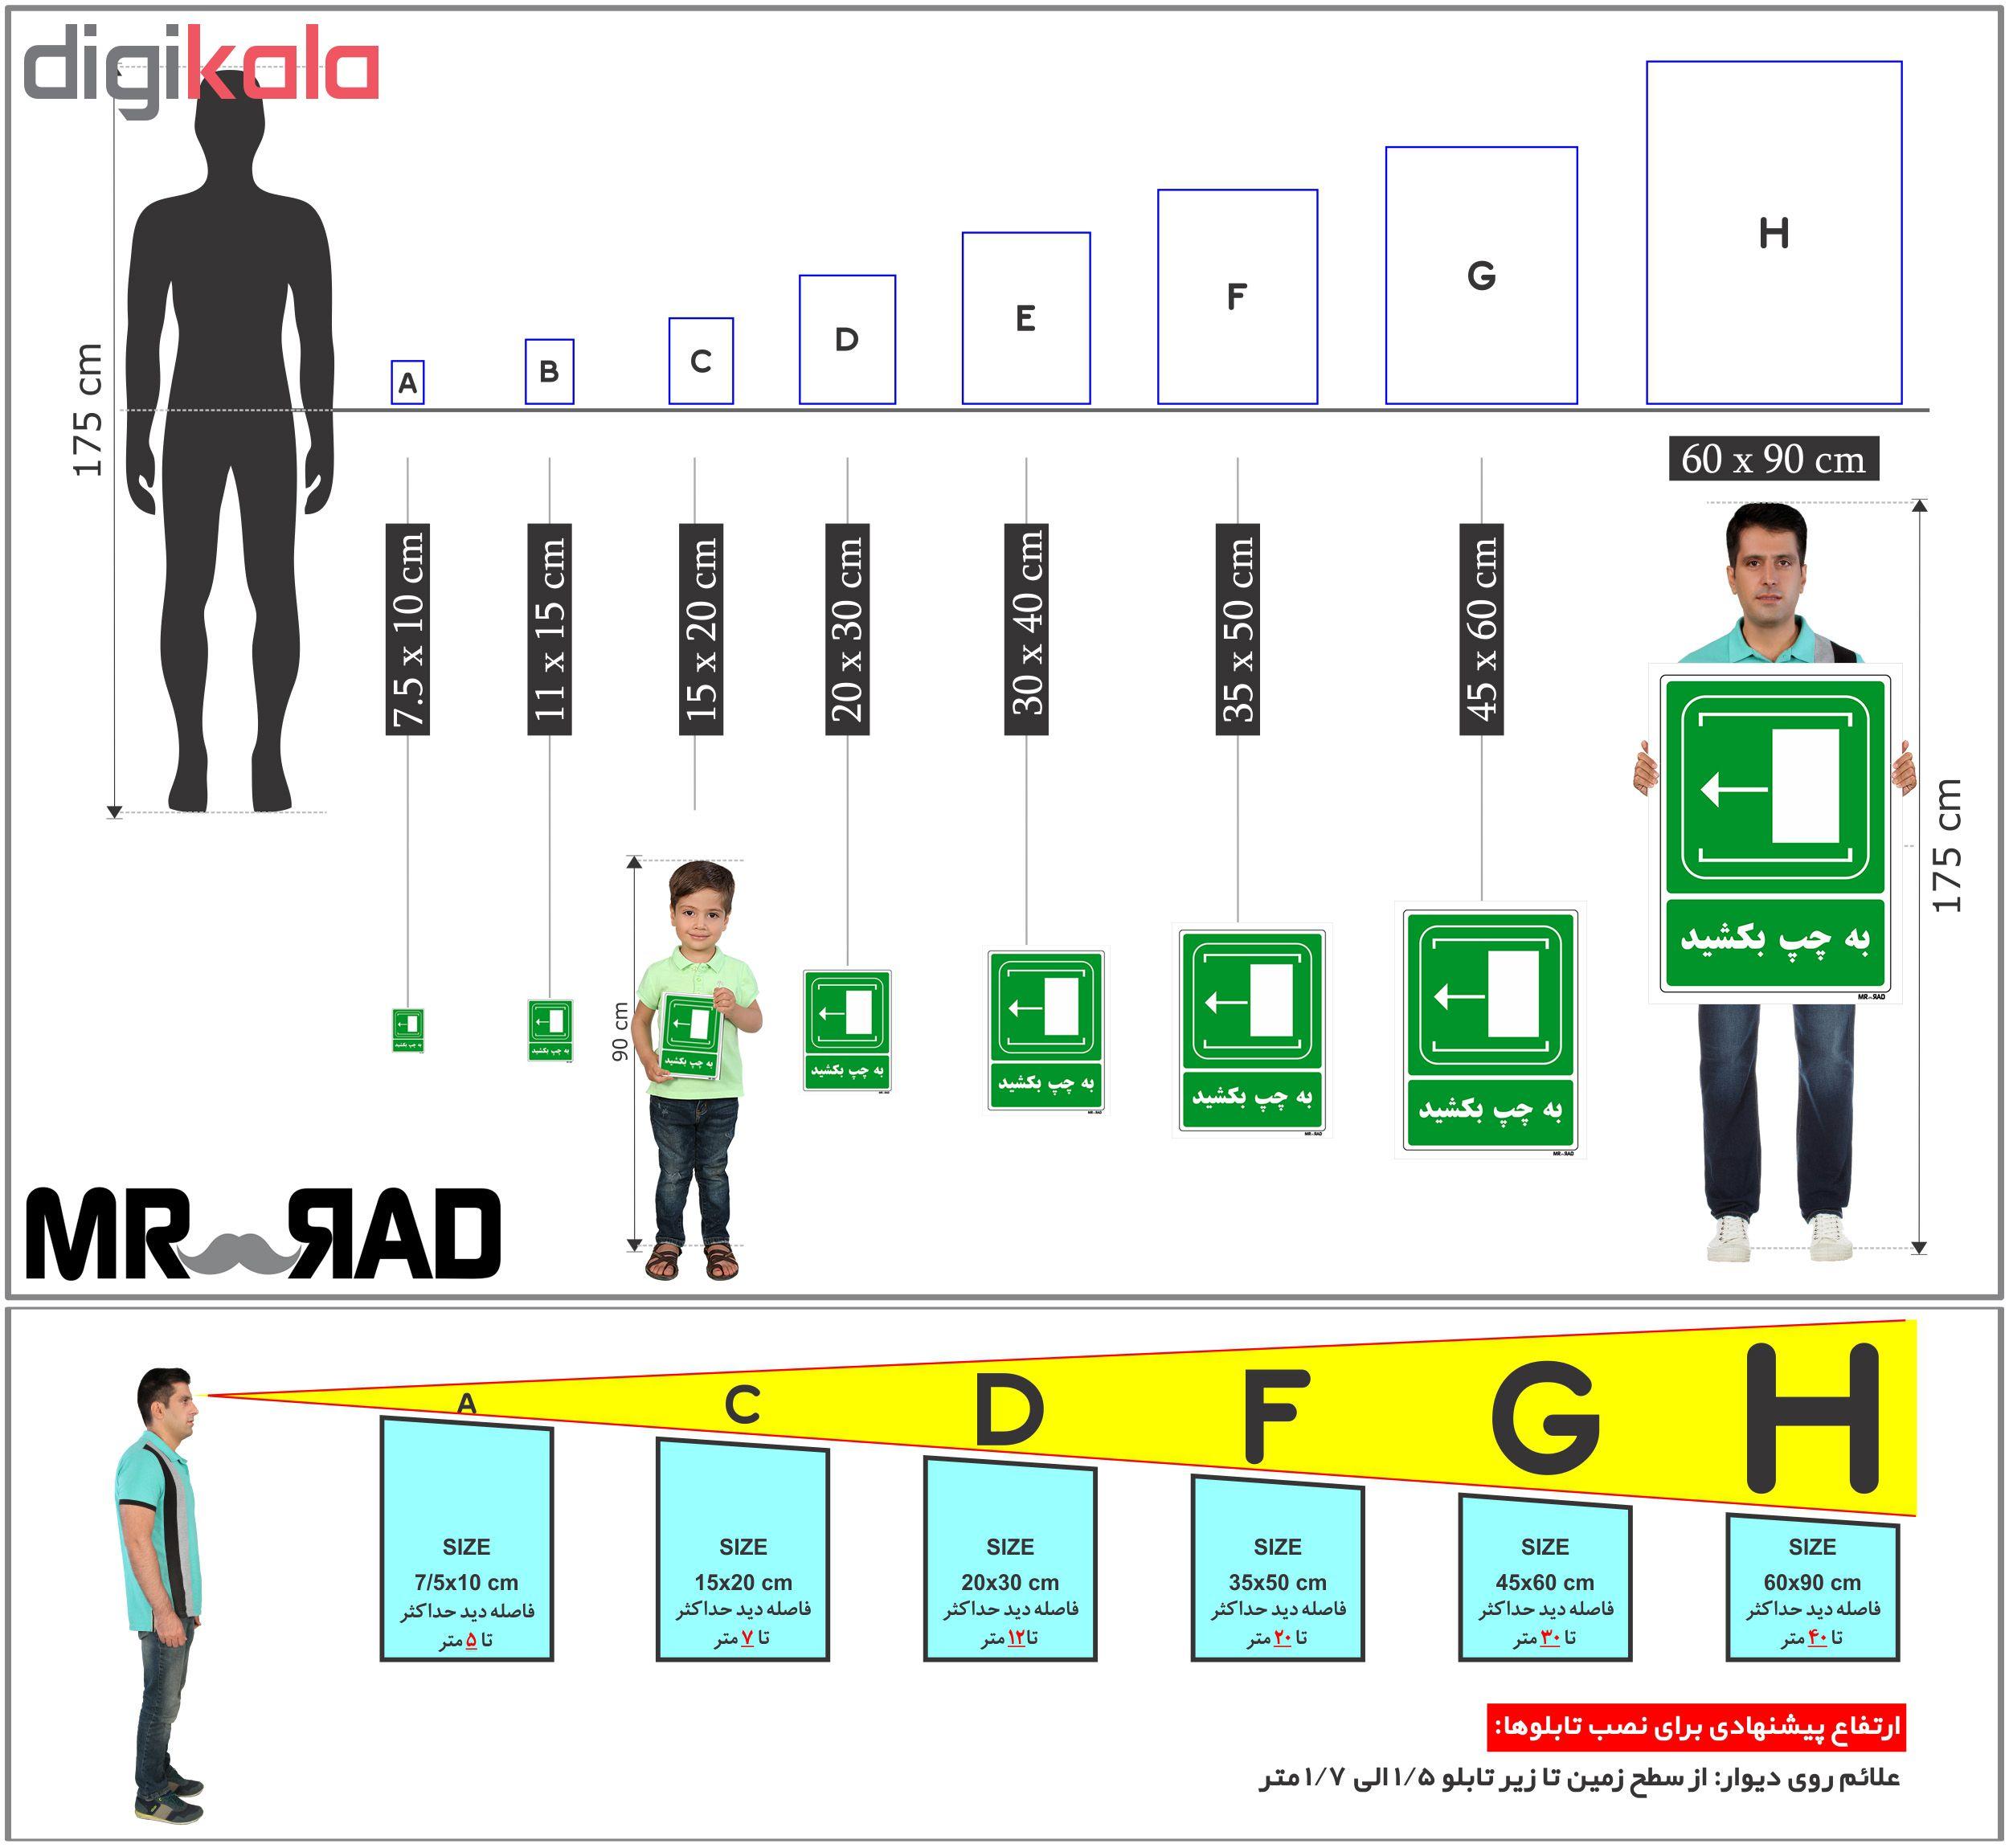 برچسب شرایط ایمن FG طرح به چپ بکشید کد LG104 بسته 2 عددی